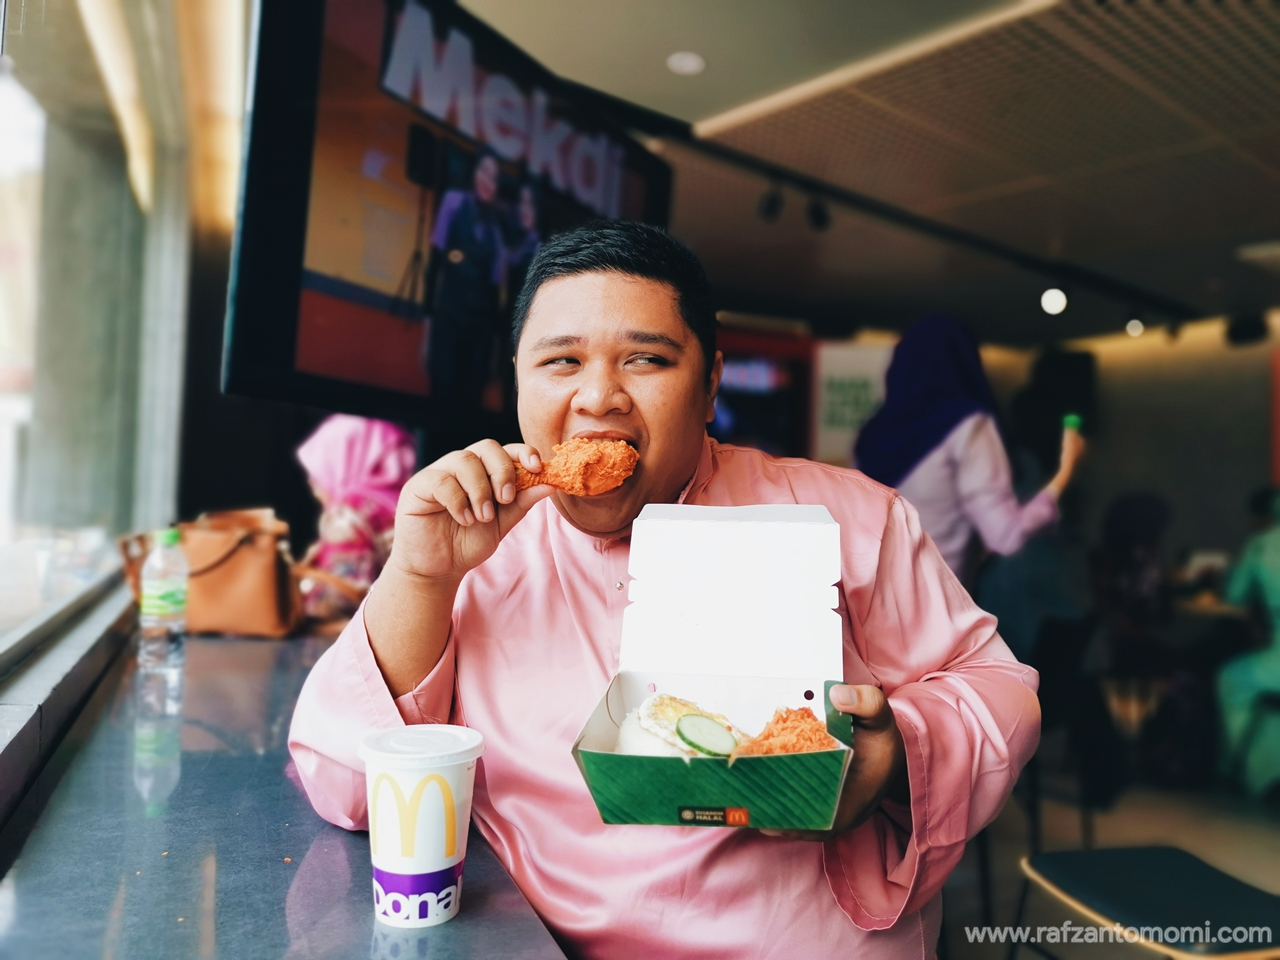 Mekdi? McDonald's Malaysia Terima 'Mekdi' Sebagai Sebahagian Dari Identiti Mereka!